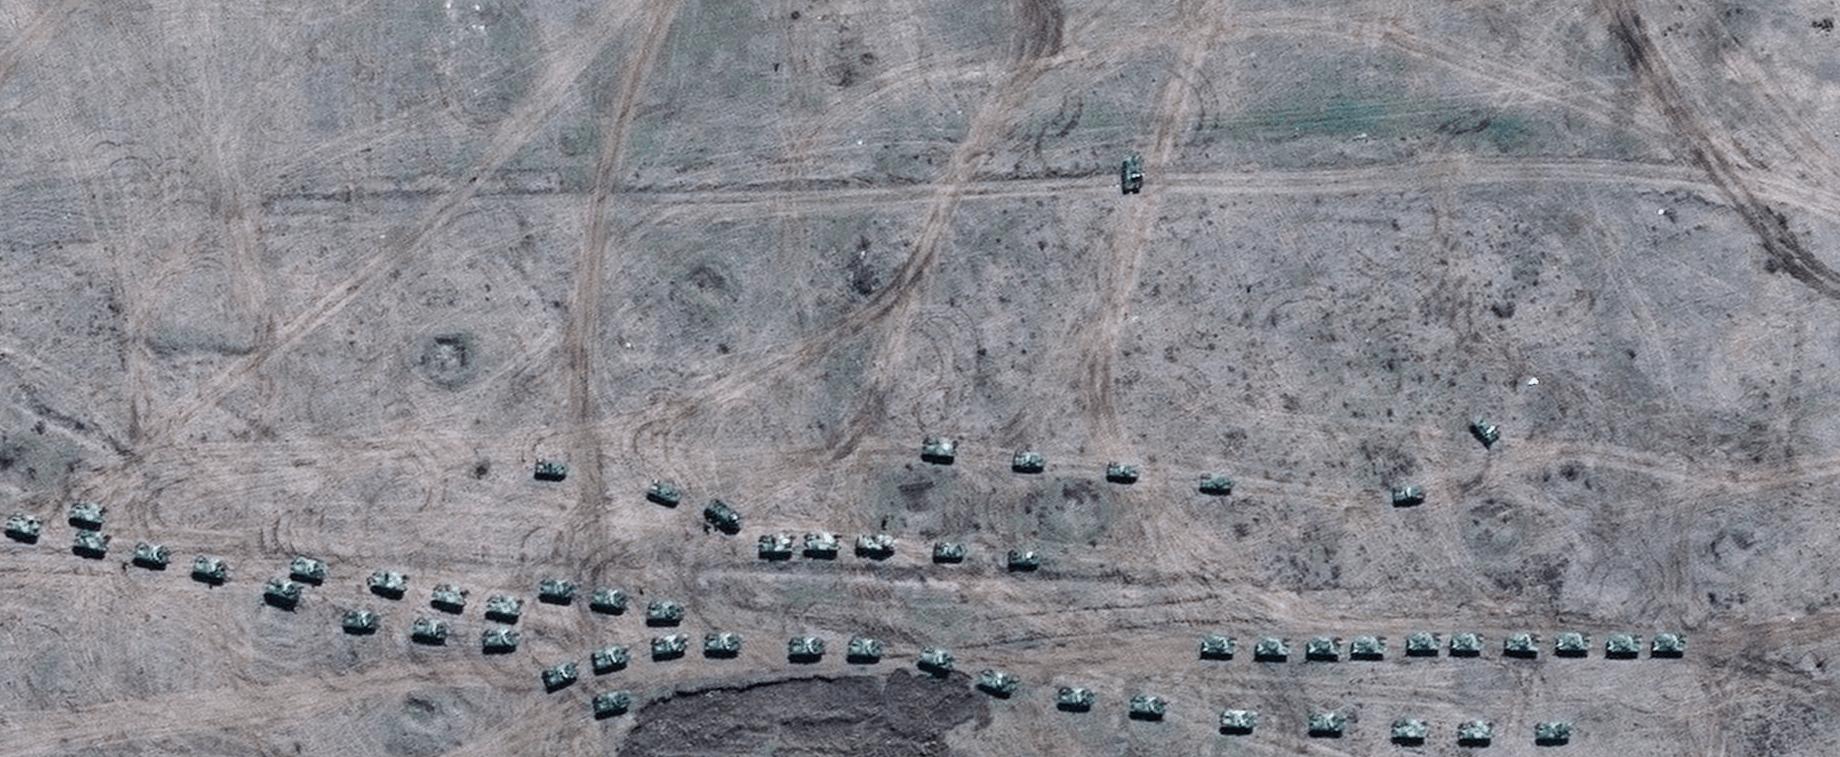 Російські ВДВ на полігоні Ангарський у Криму. Супутникове зображення, зроблене 15 квітня. © 2021 Maxar Technologies